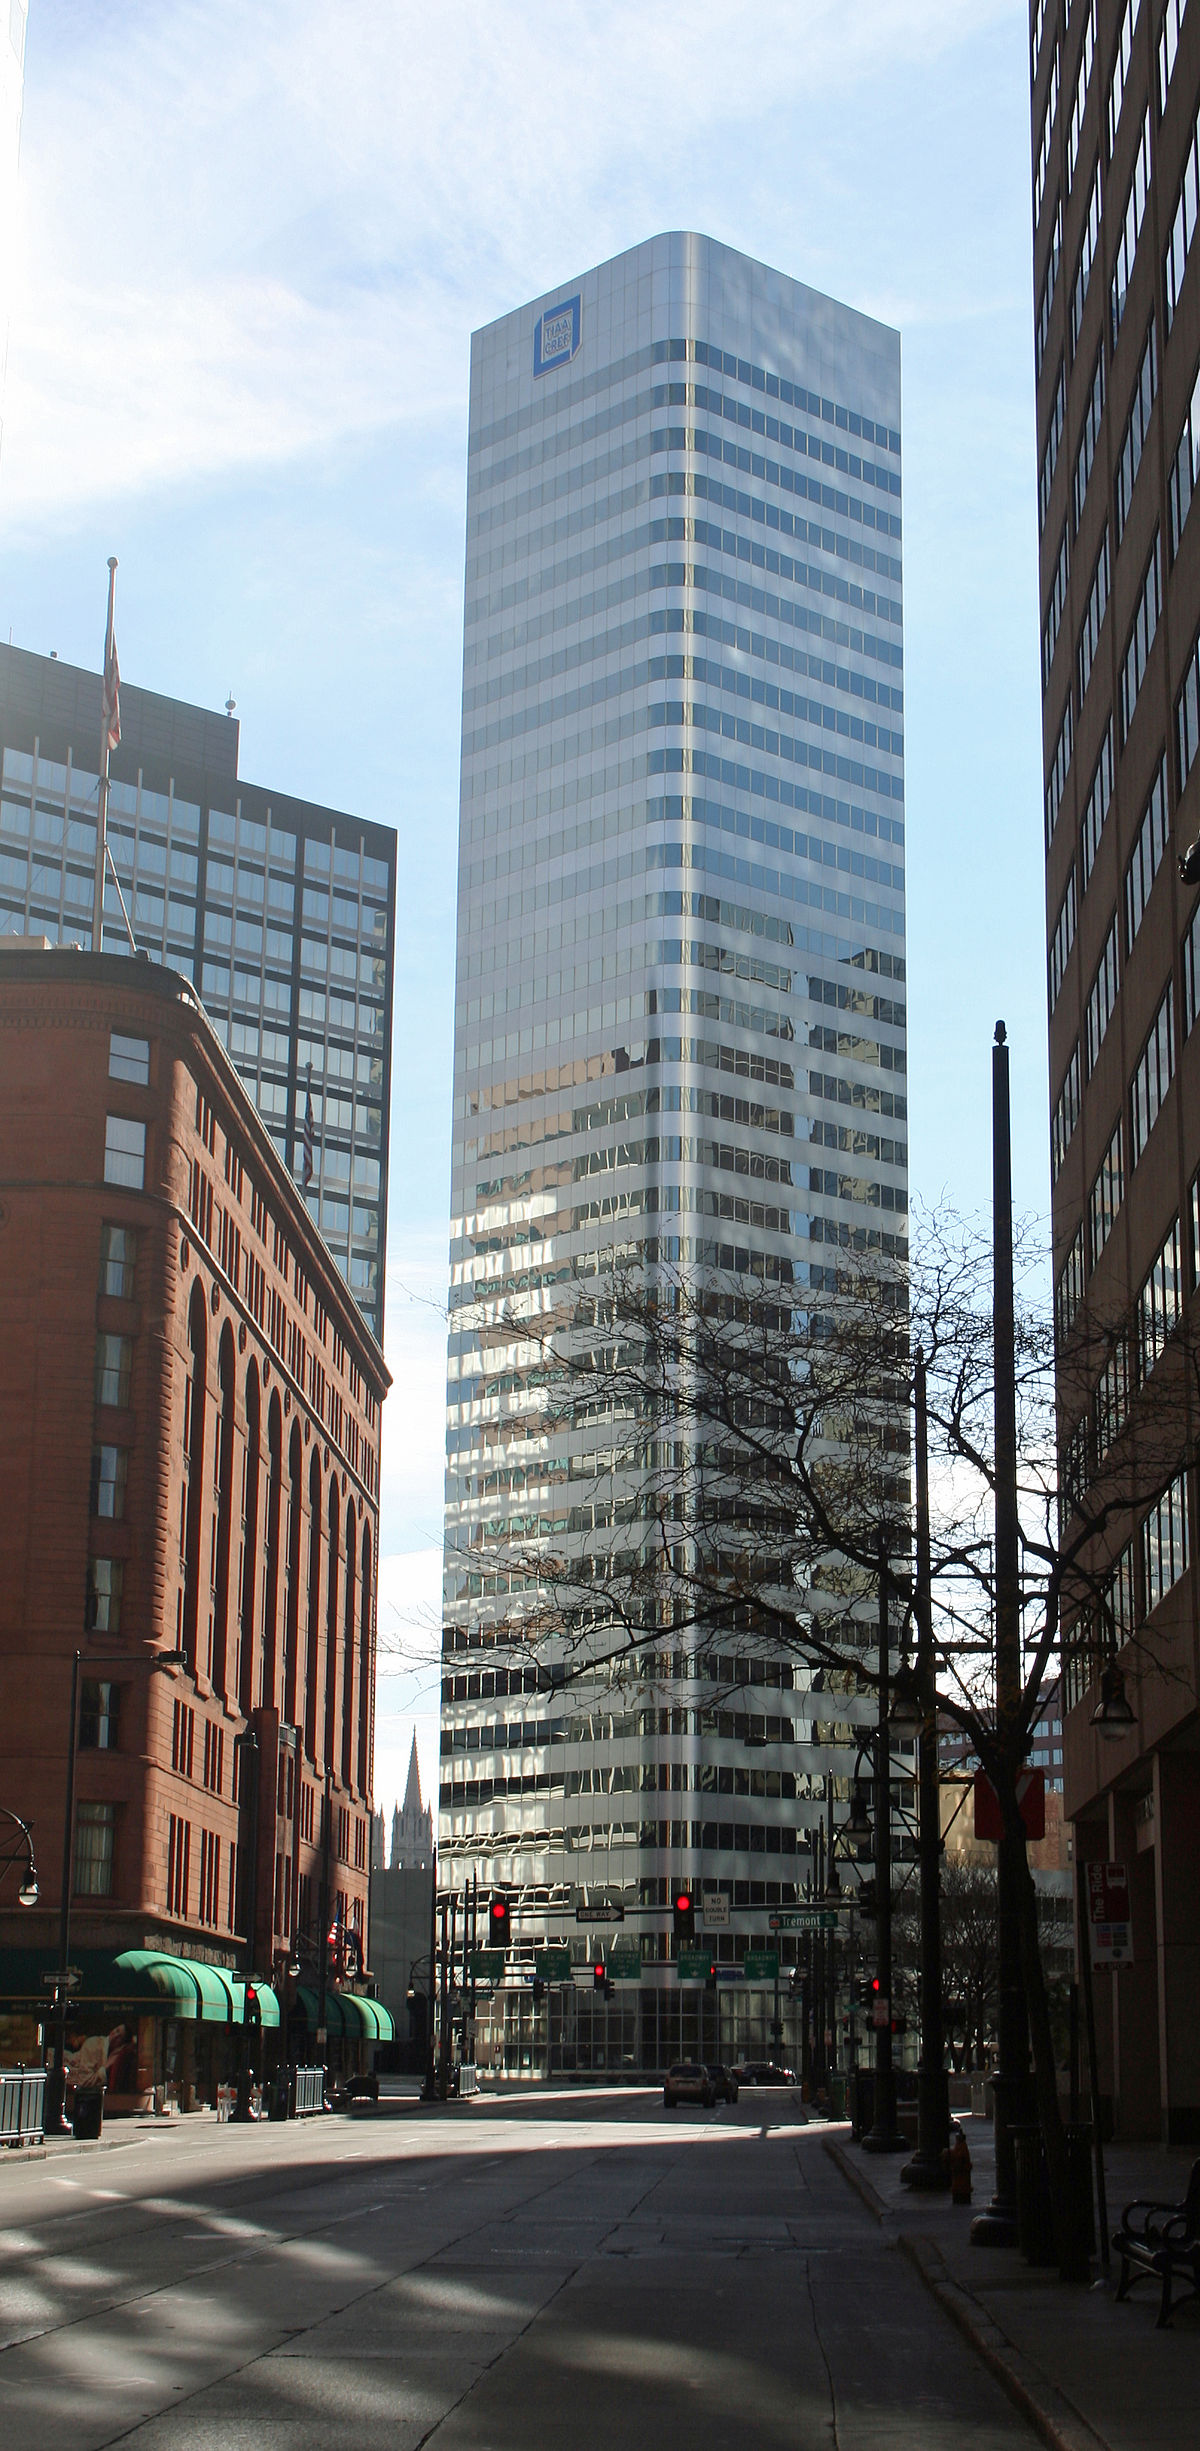 1670 Broadway - Wikipedia